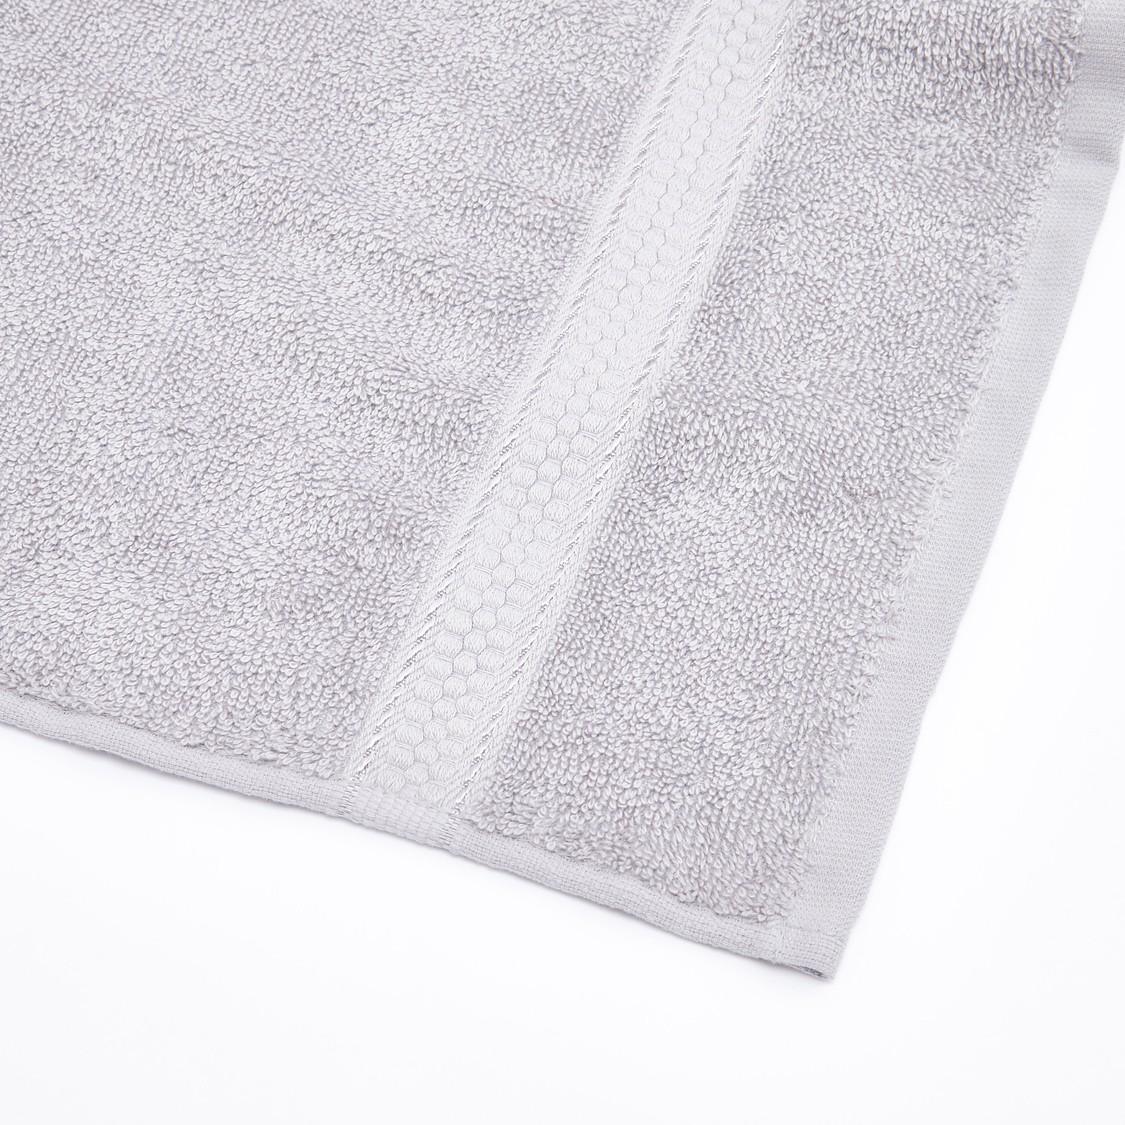 منشفة حمّام مستطيلة بتفاصيل قطيفة